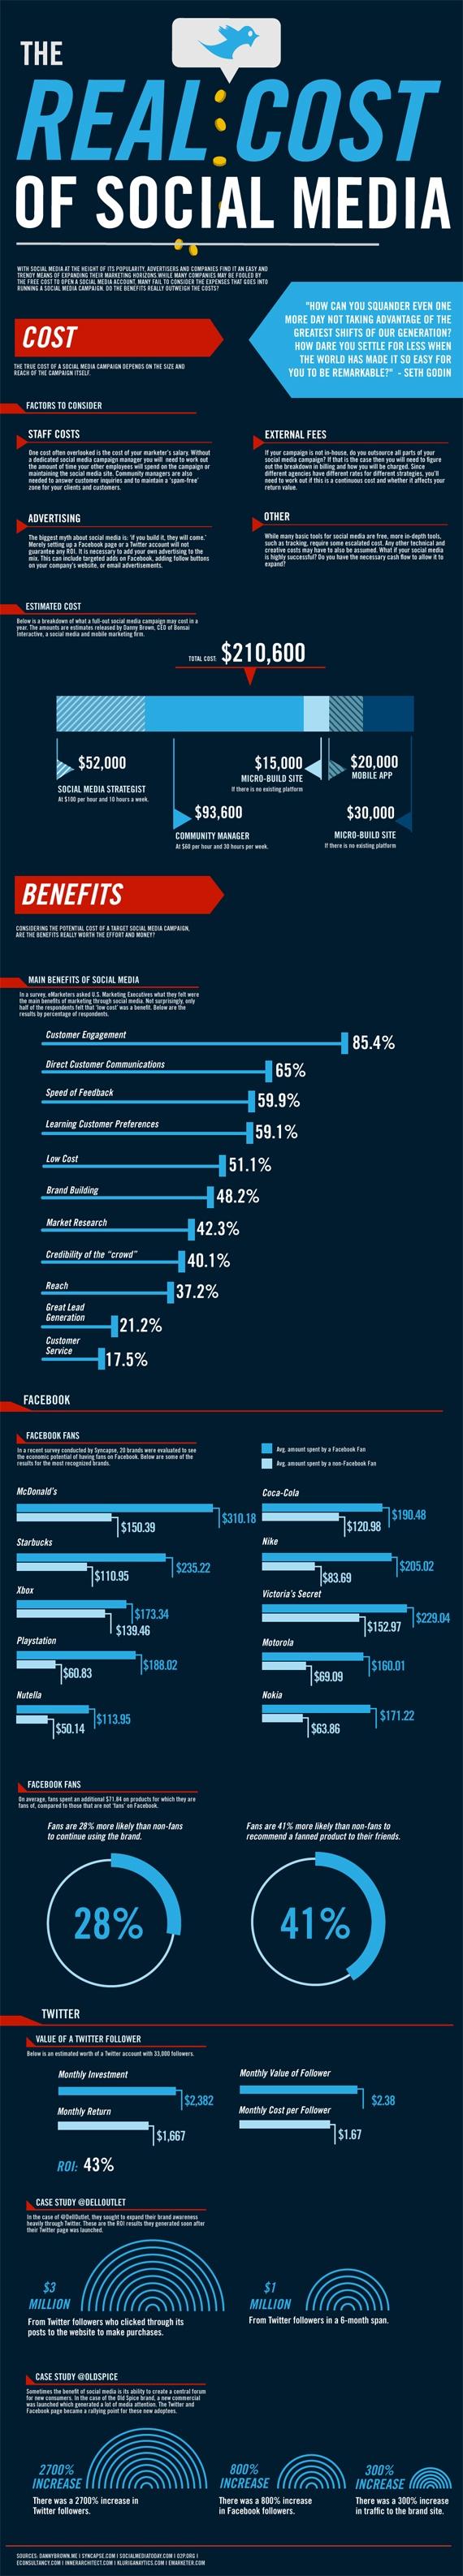 El costo real de las redes sociales costo real de las redes sociales chihuahua El costo real de las redes sociales chihuahua [infografía] The Real Cost Of Social Media